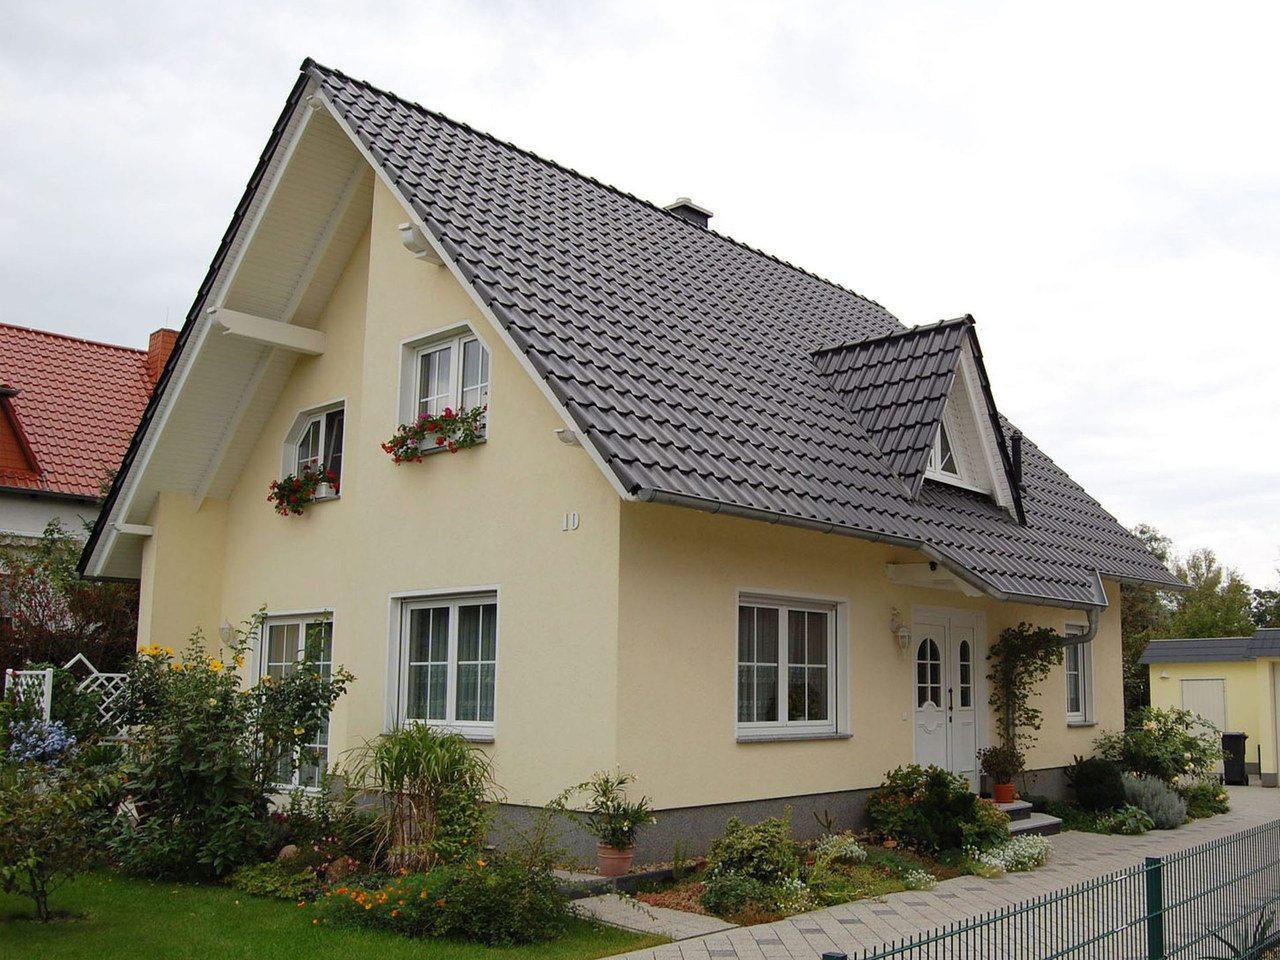 Rothenseer Baugesellschaft - Haus Am Bach Ansicht 2